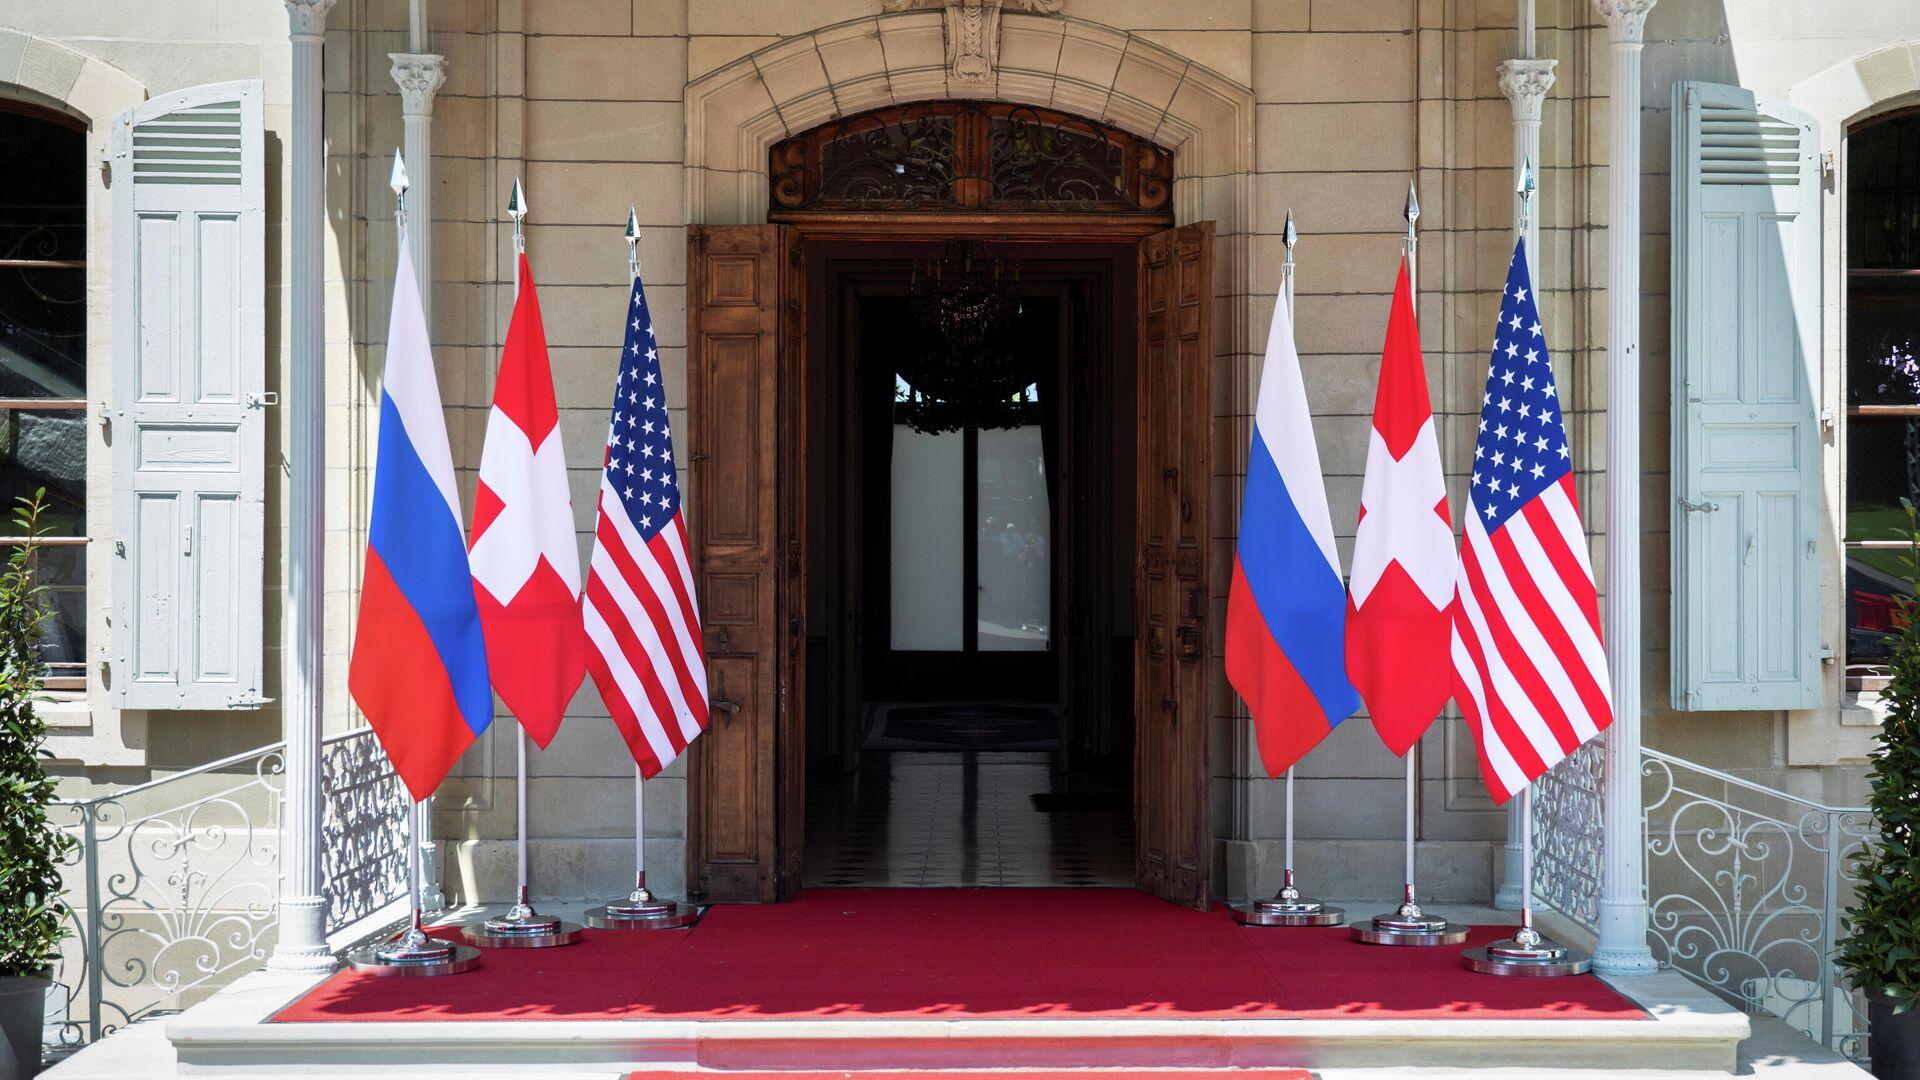 Флаги России, США и Швейцарии перед входом на виллу Ла Гранж в Женеве, Швейцария - РИА Новости, 1920, 15.06.2021